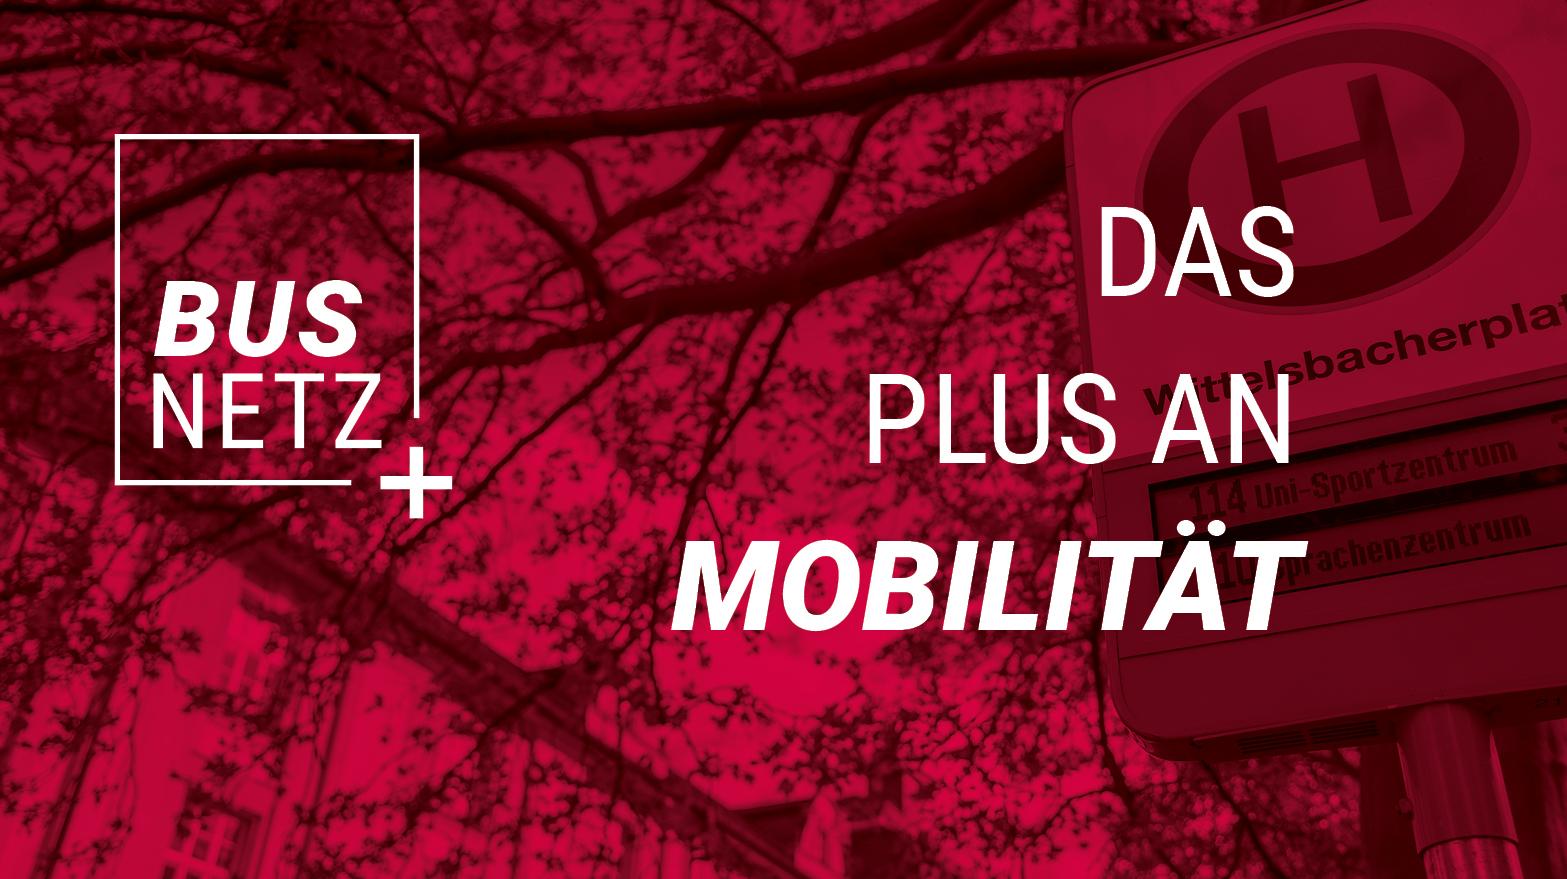 BUSNETZ+ Das Plus an Mobilität